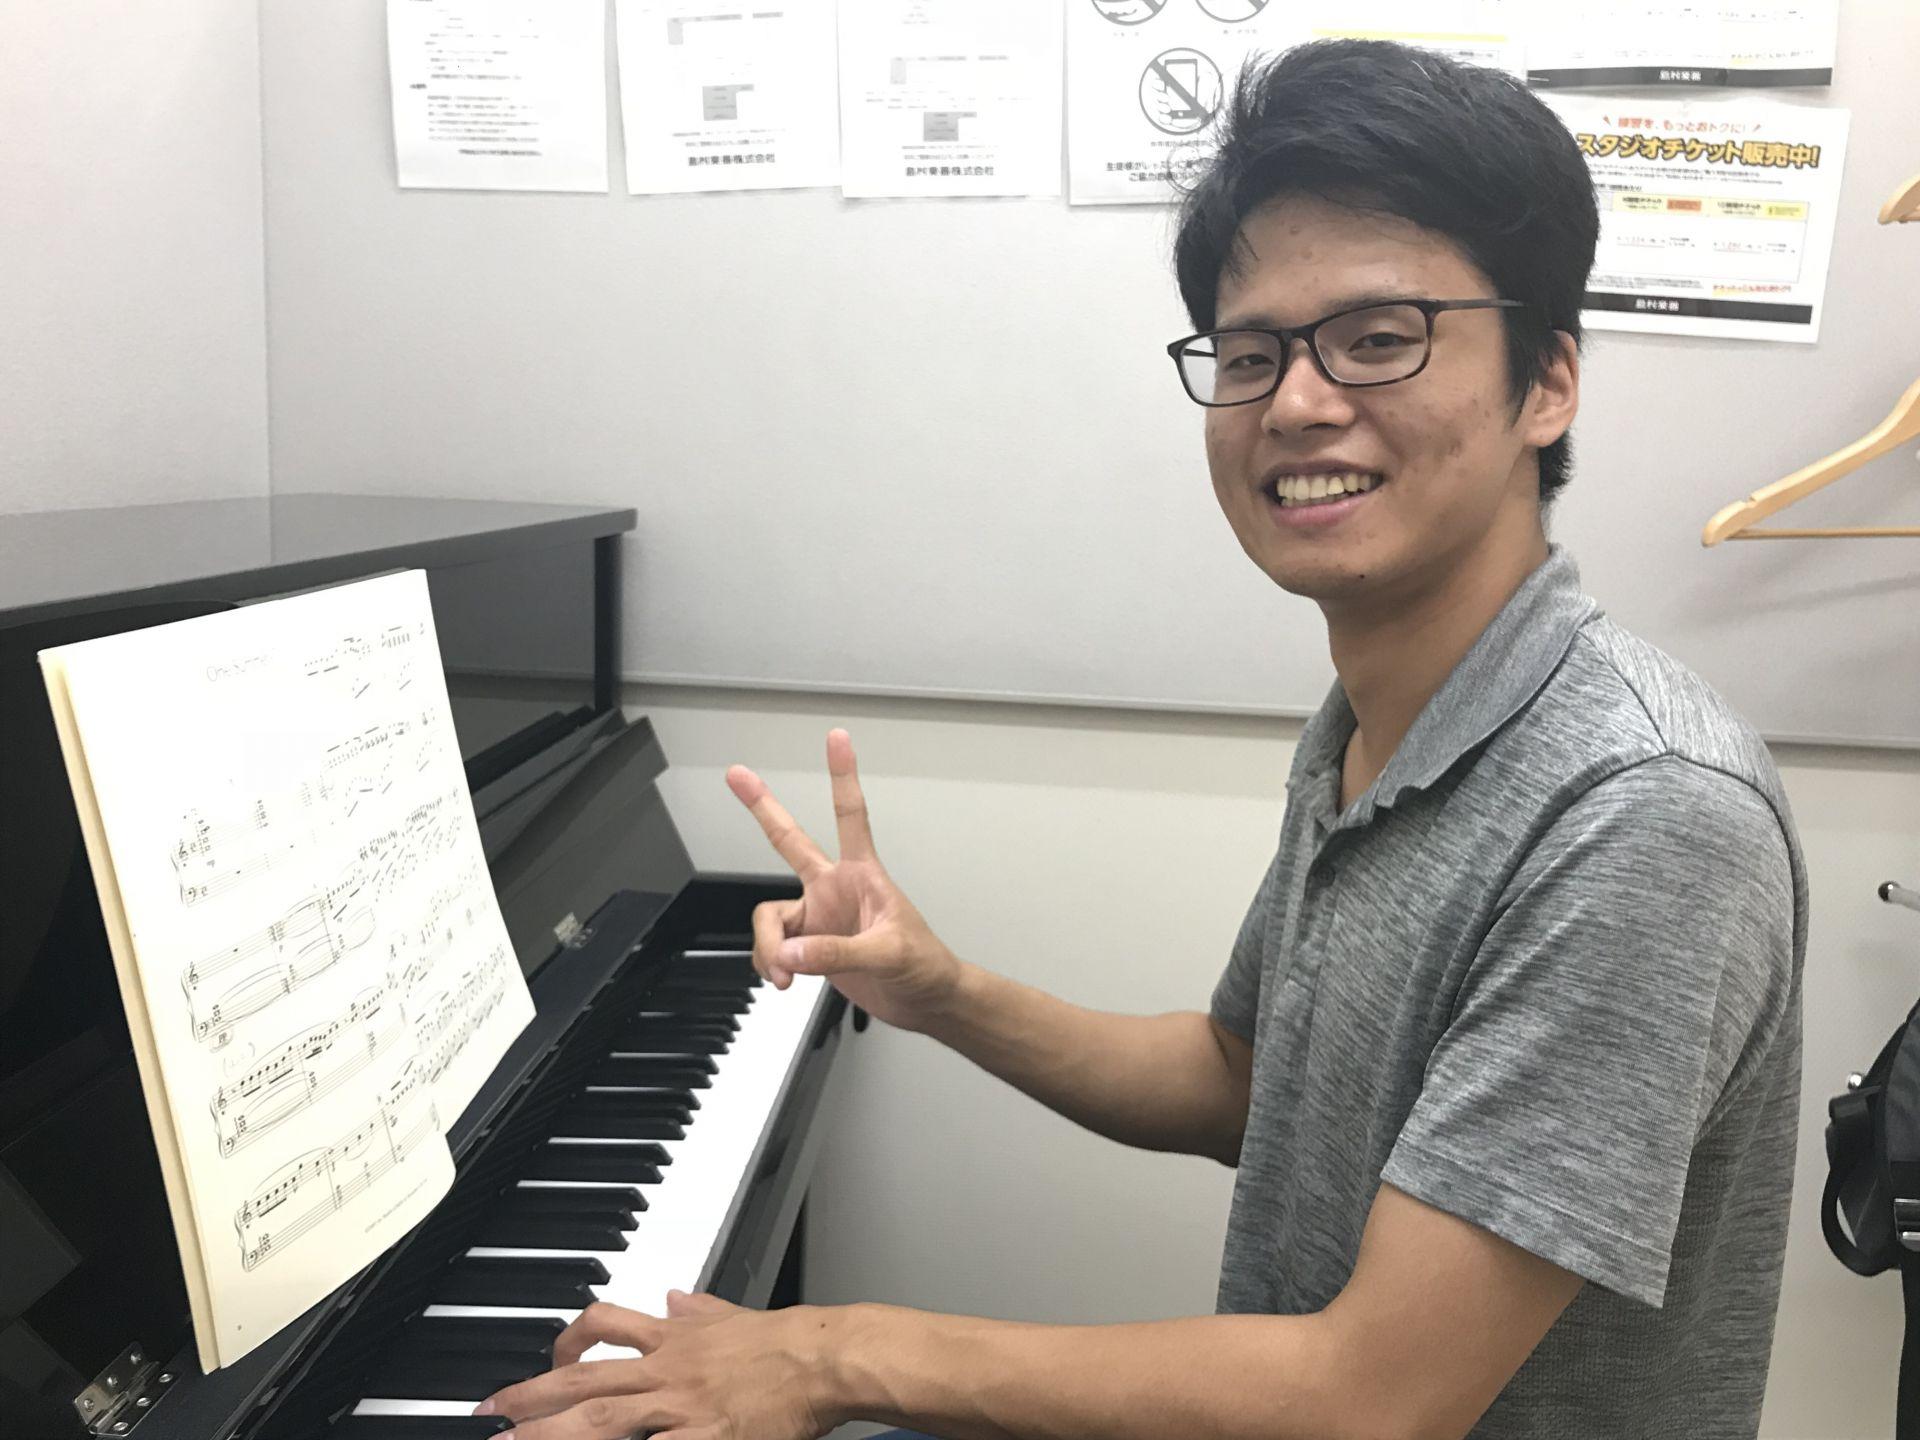 ピアノサロン 会員様インタビュー